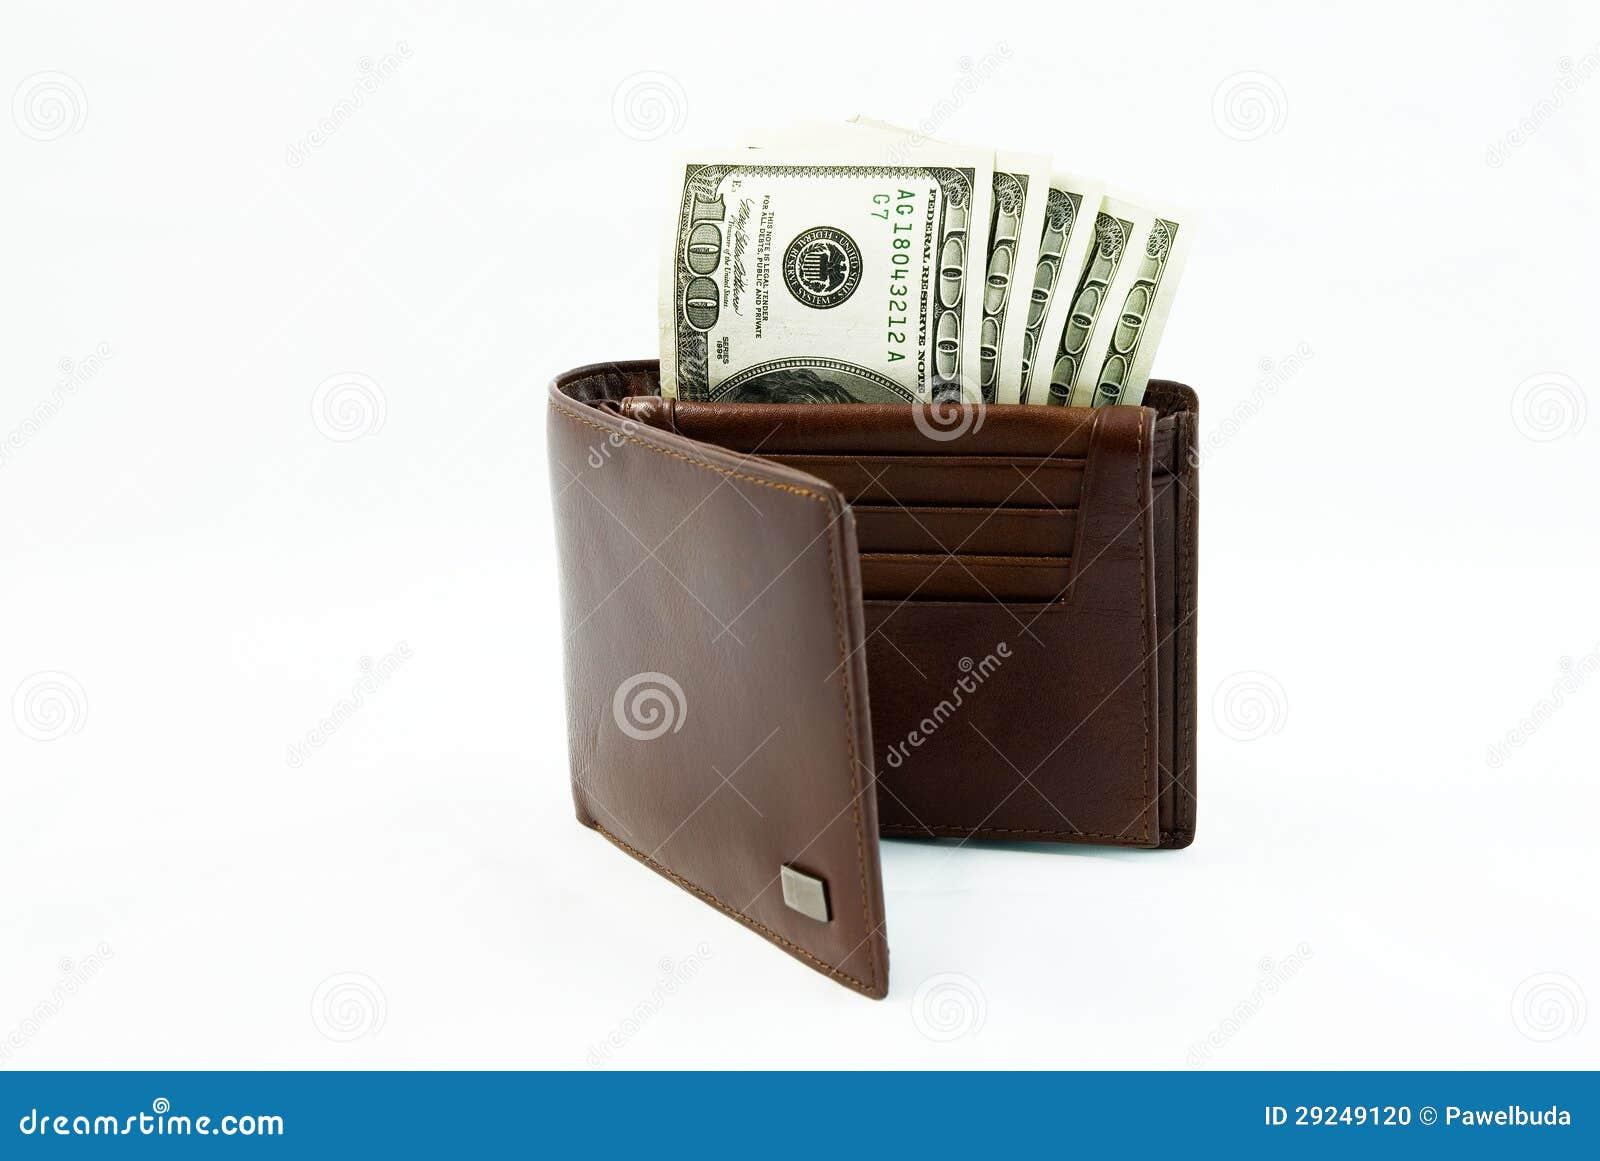 Download Carteira com dólares foto de stock. Imagem de banco, débito - 29249120